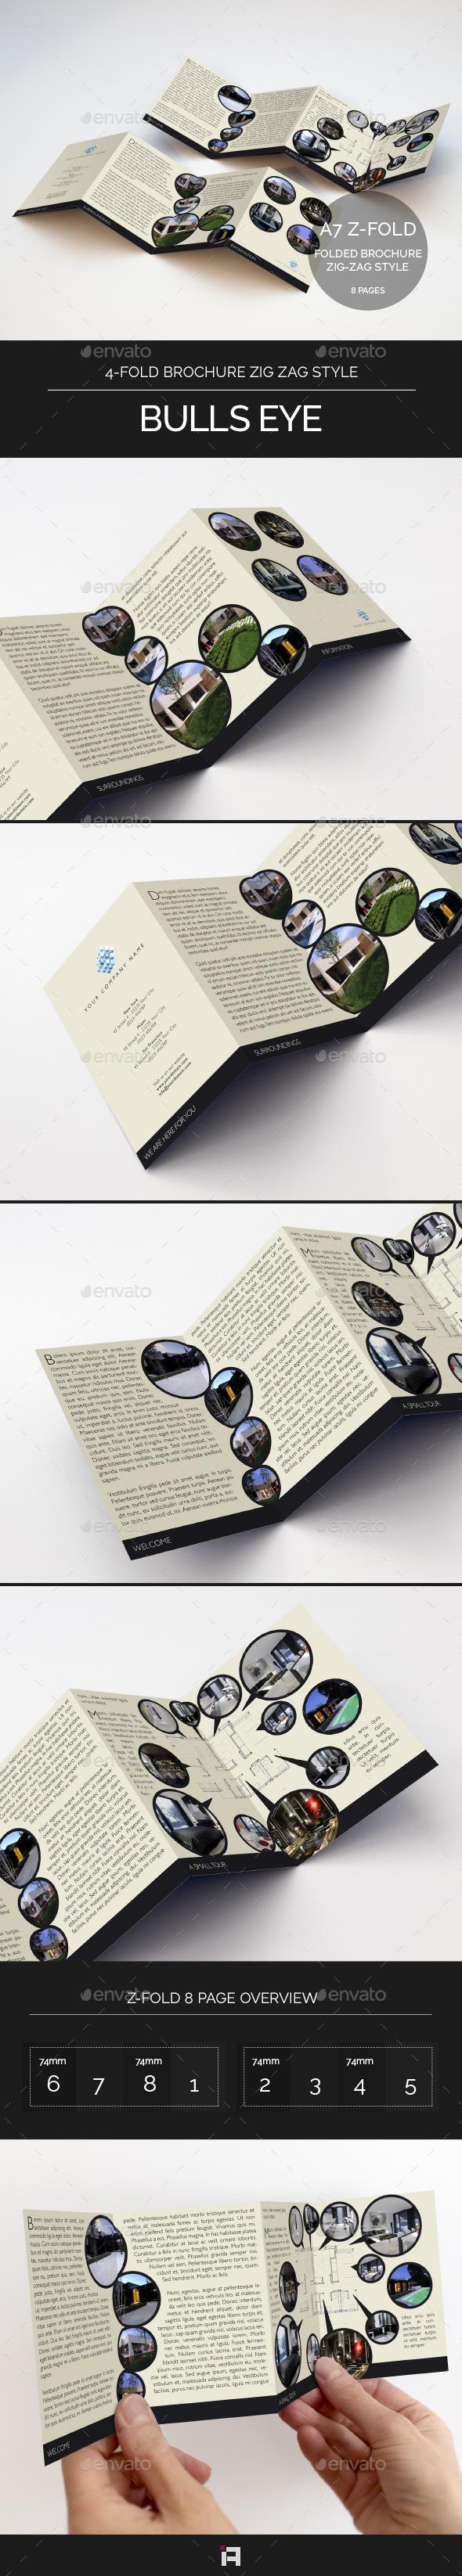 4-Fold Brochure • Bulls Eye - Corporate Brochures